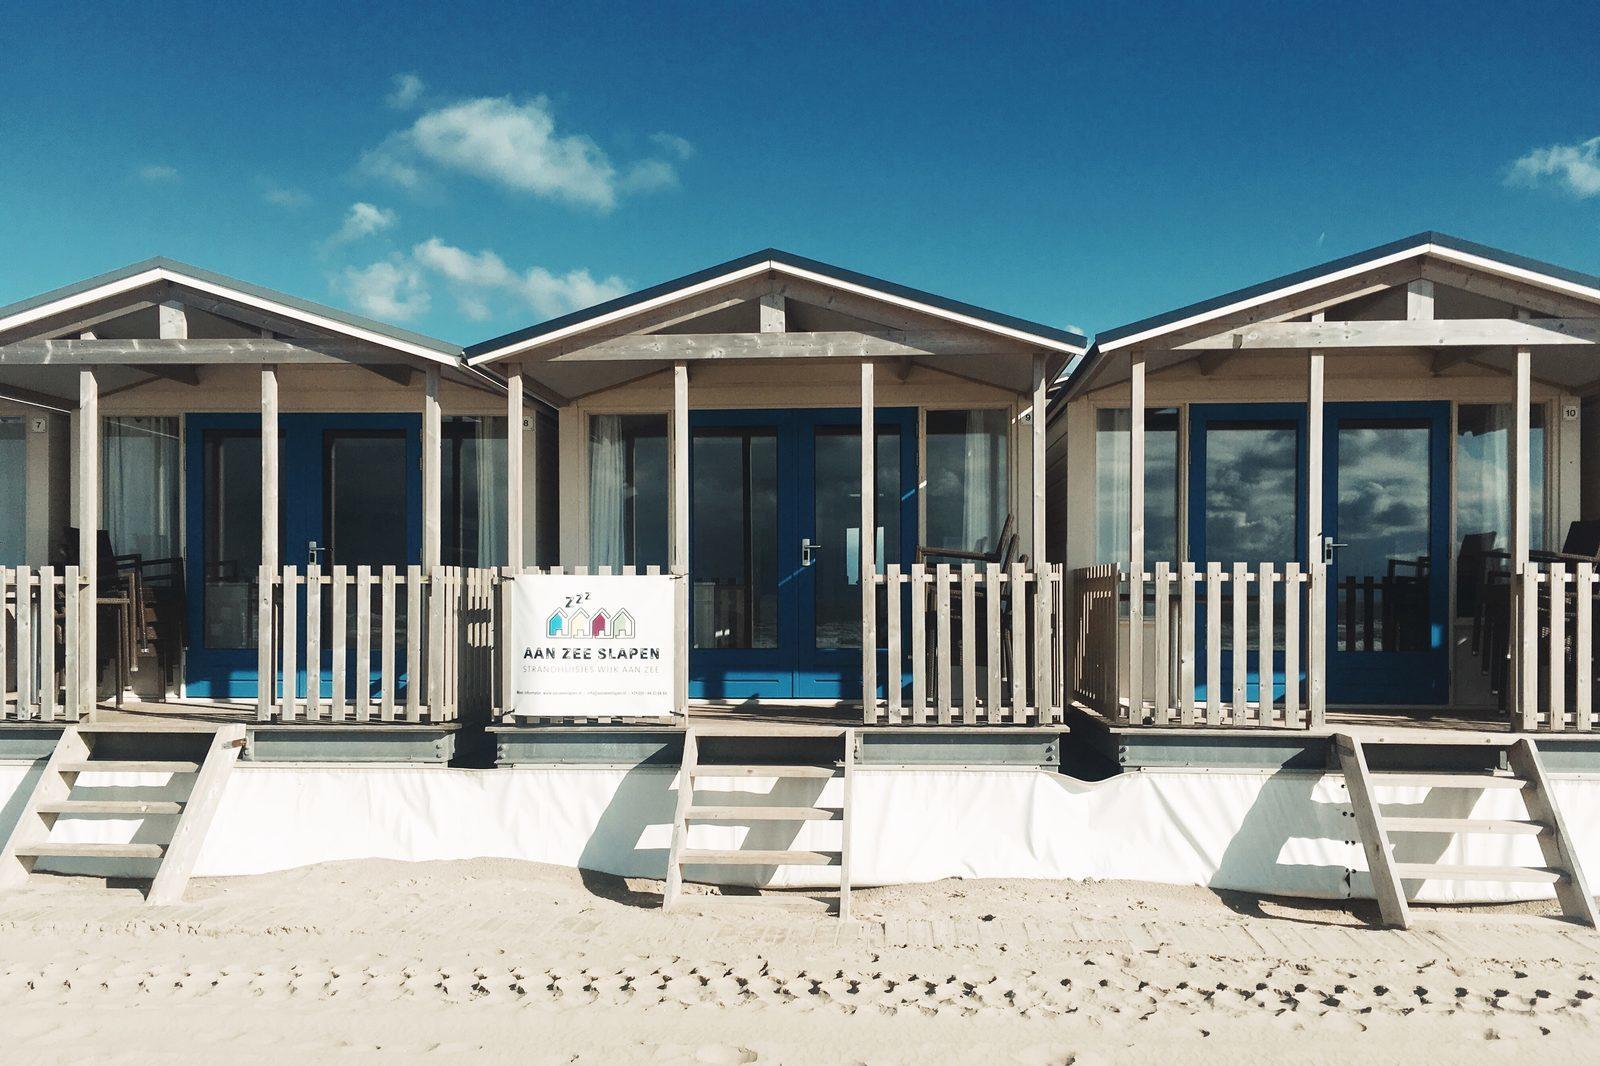 Strandhäuser Wijk aan Zee